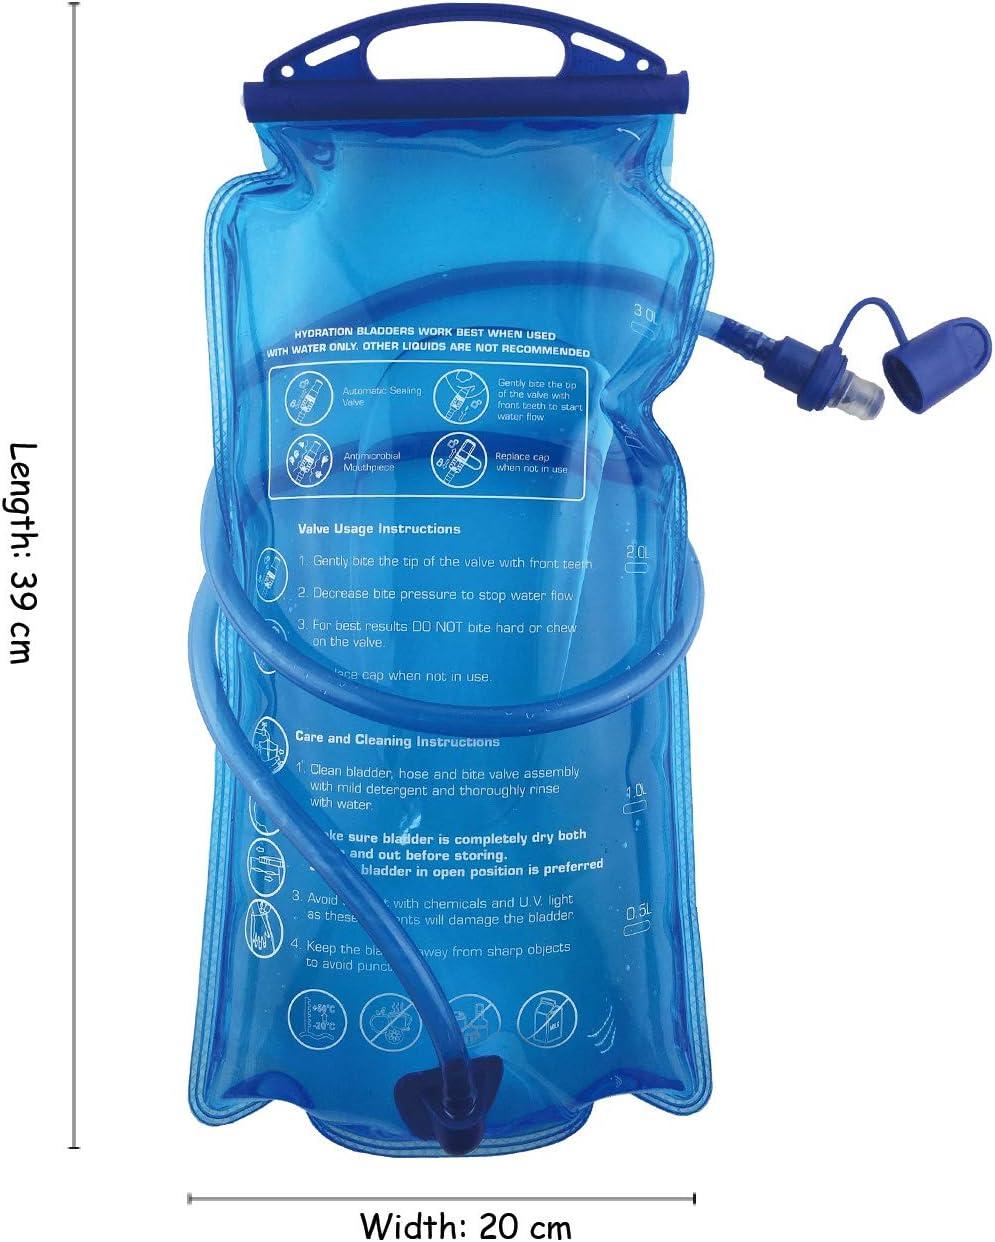 Sac de Rangement pour v/élo B-Earth Poche Hydratation 3L 2L 1,5L Grand r/éservoir deau /à Ouverture de 3 litres /étanche /à leau Militaire